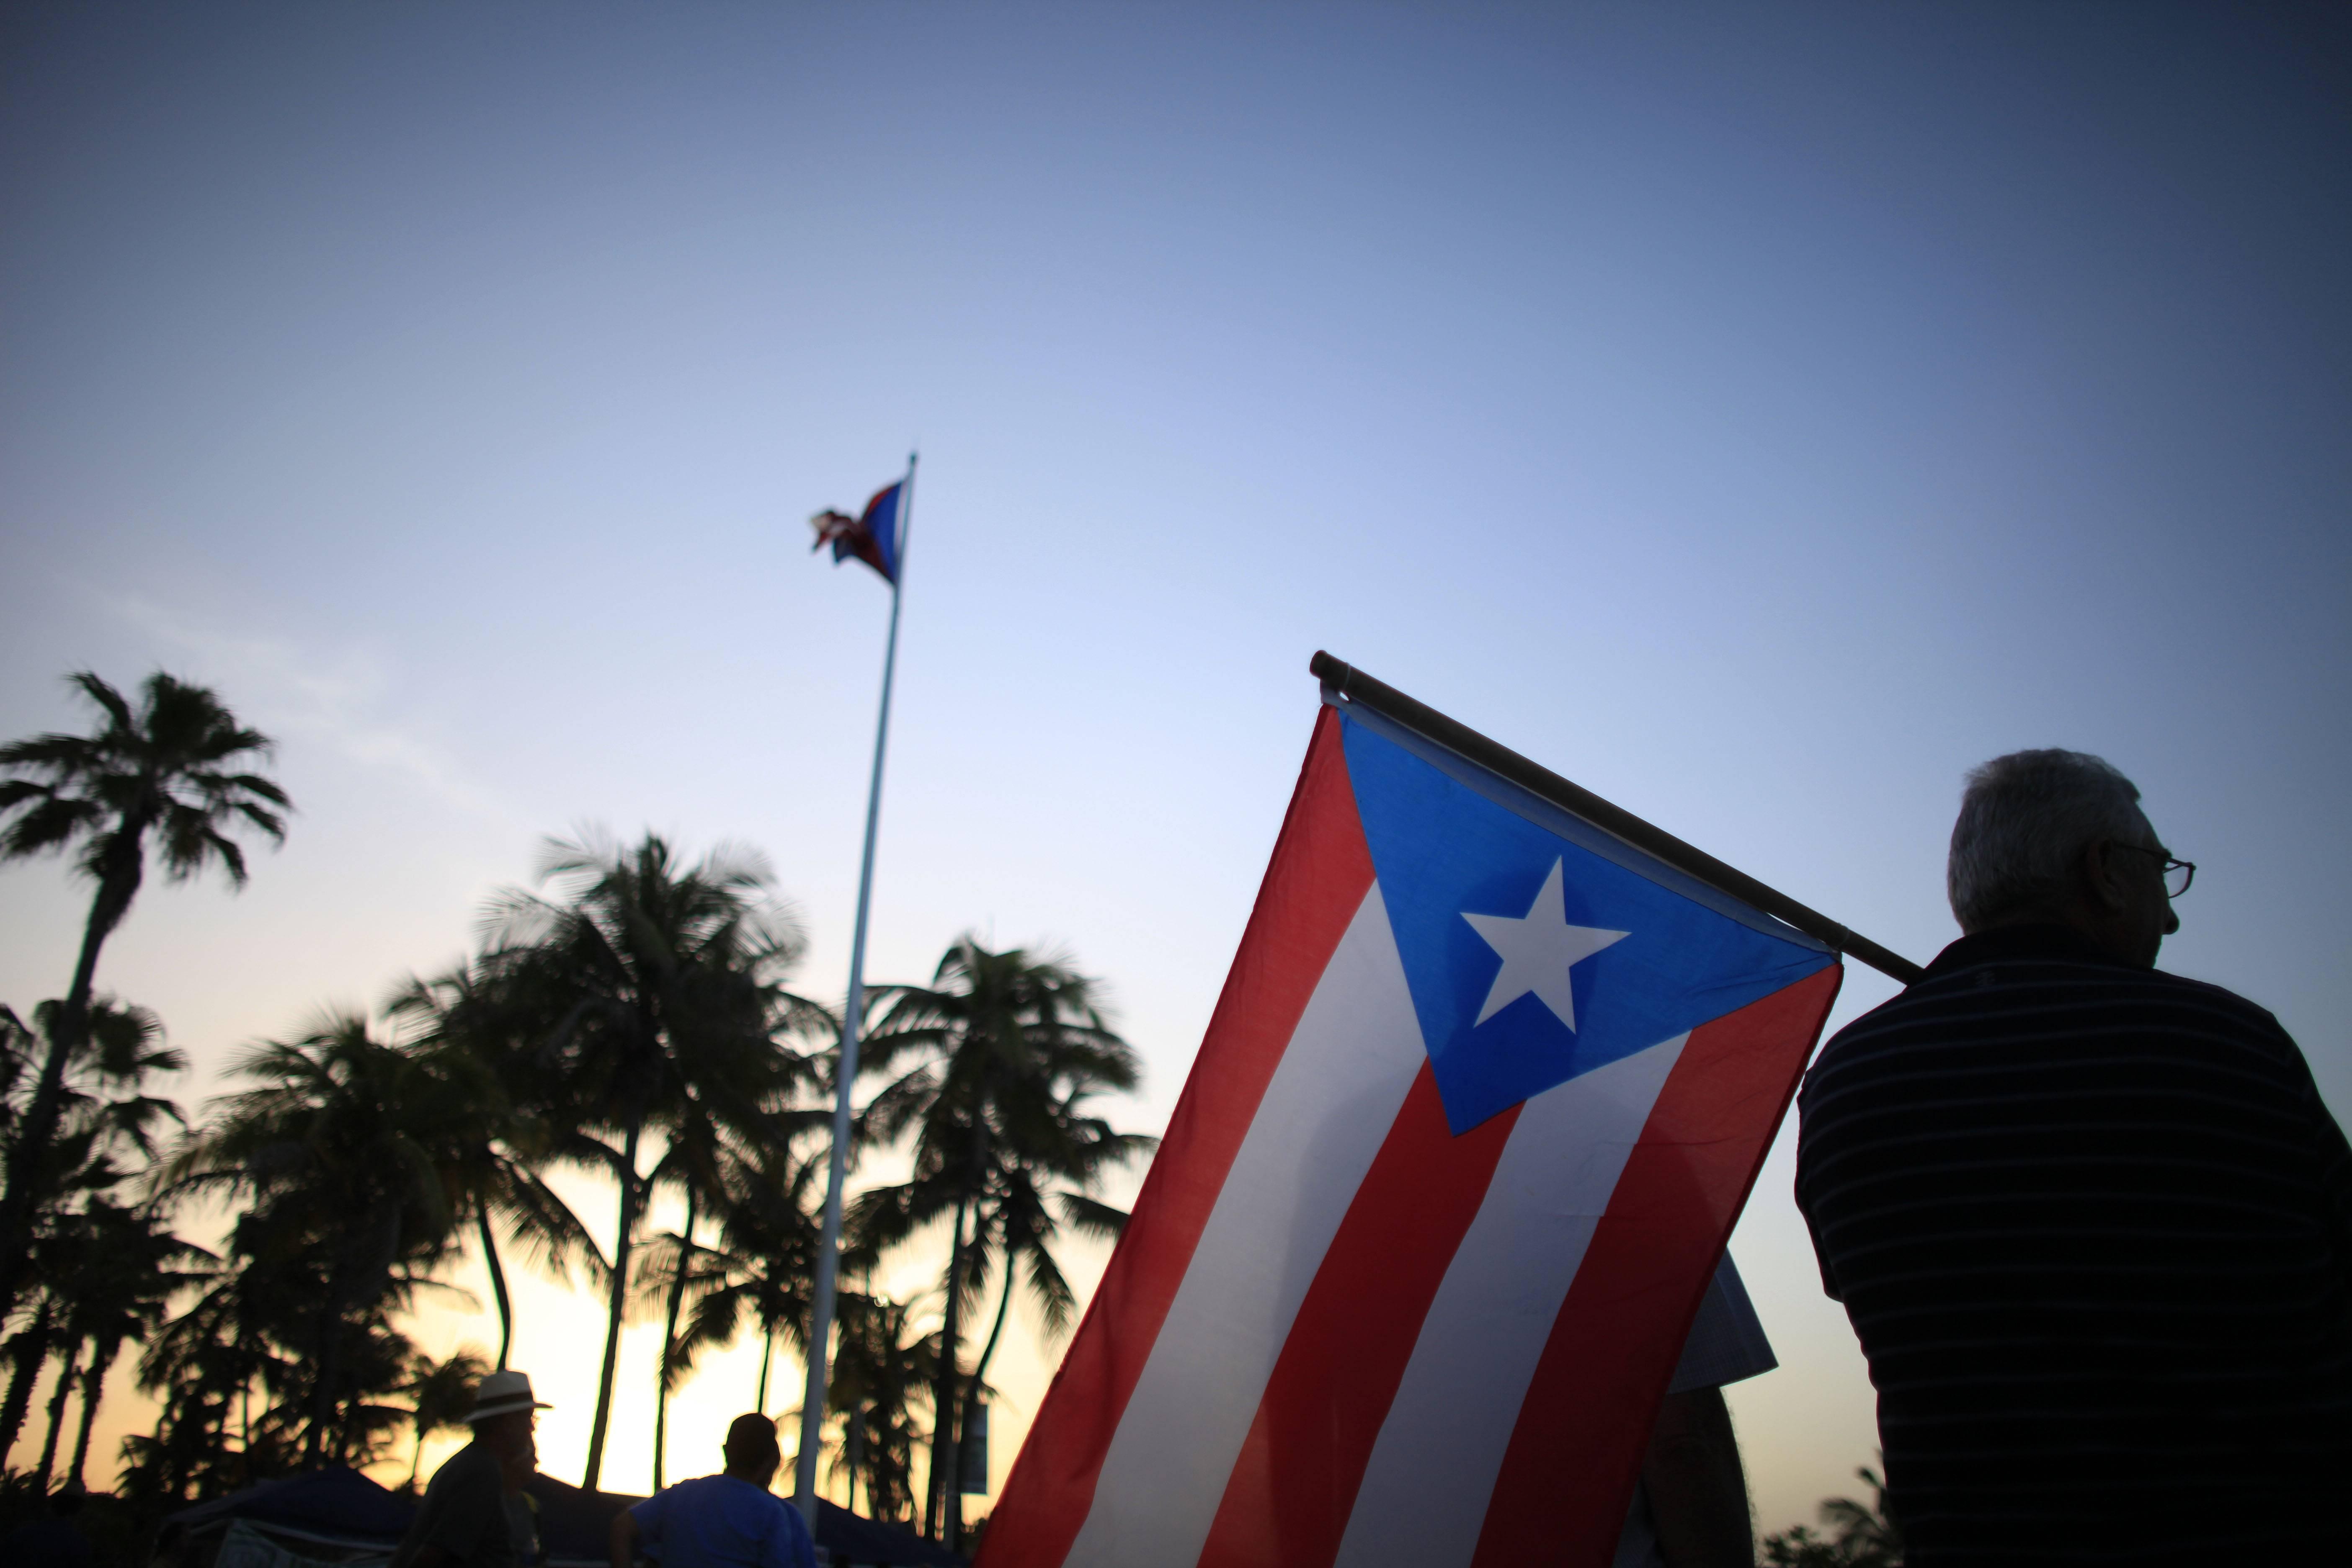 puertoricoeconomypuer-e860de9e29391468c2485c551a1ff116.jpg